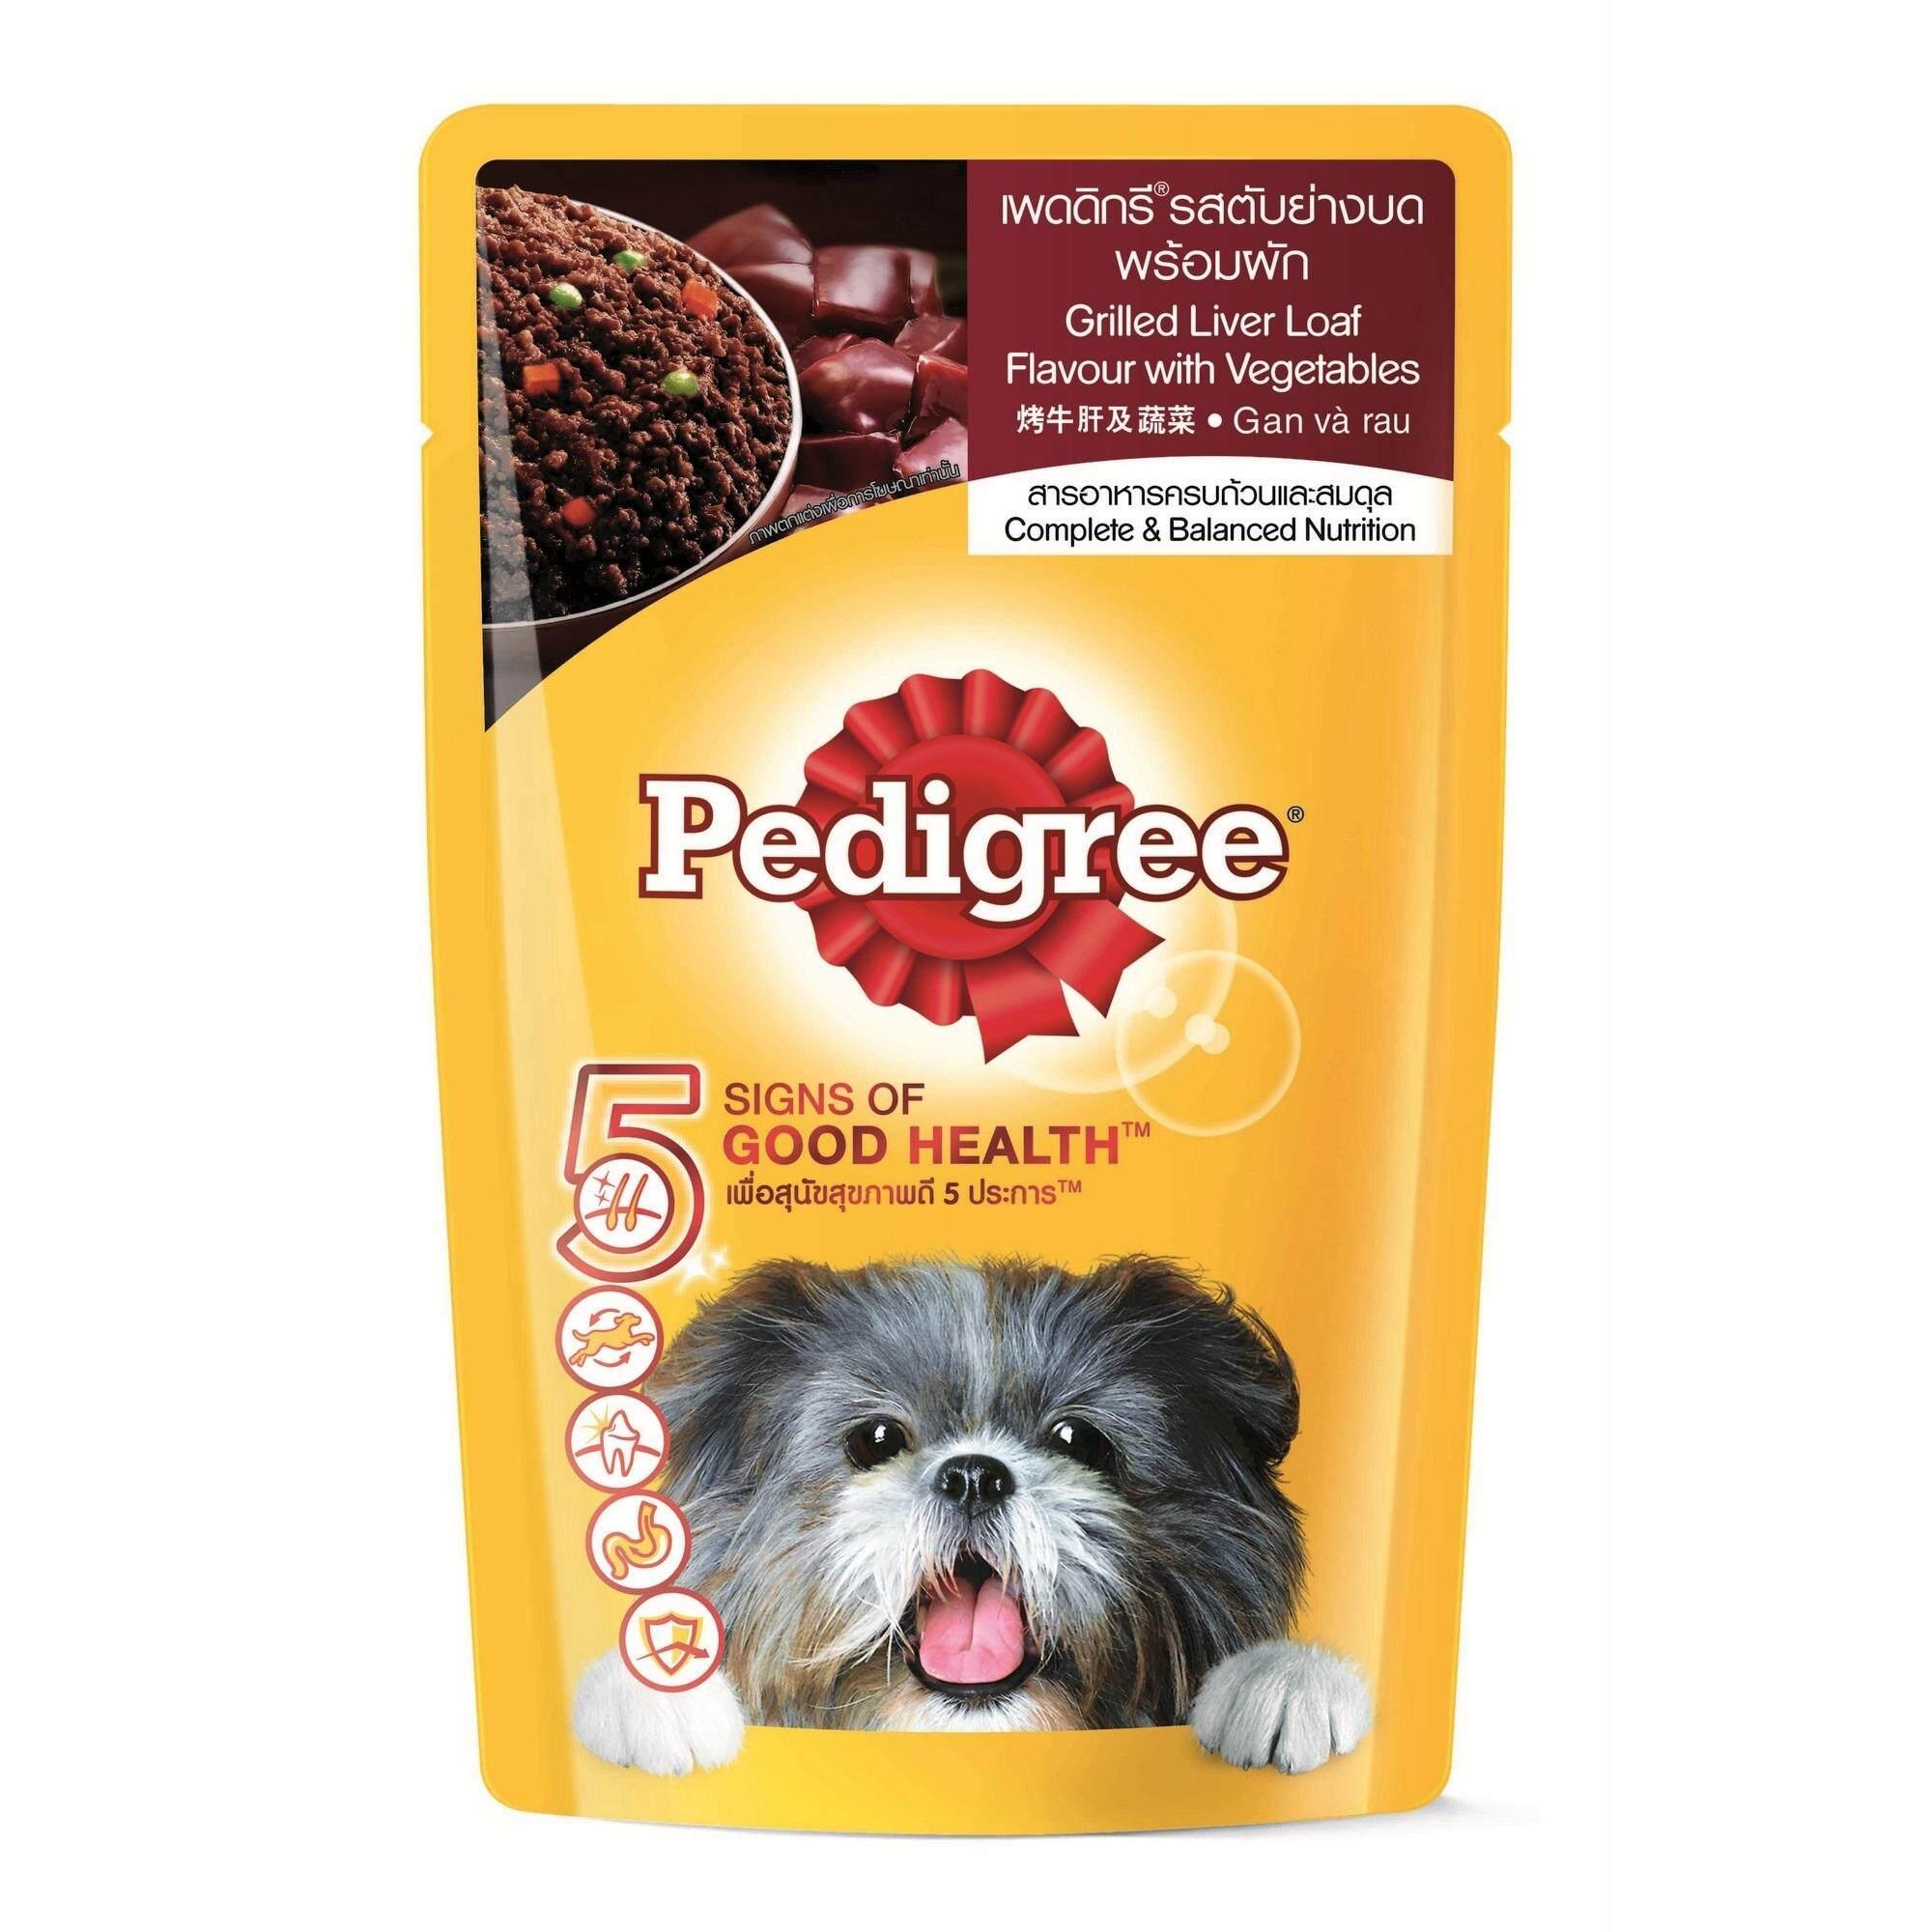 เพดดิกรี®อาหารสุนัขชนิดเปียก แบบเพาช์ รสตับย่างบดและผัก 130 กรัม 1 ซอง.